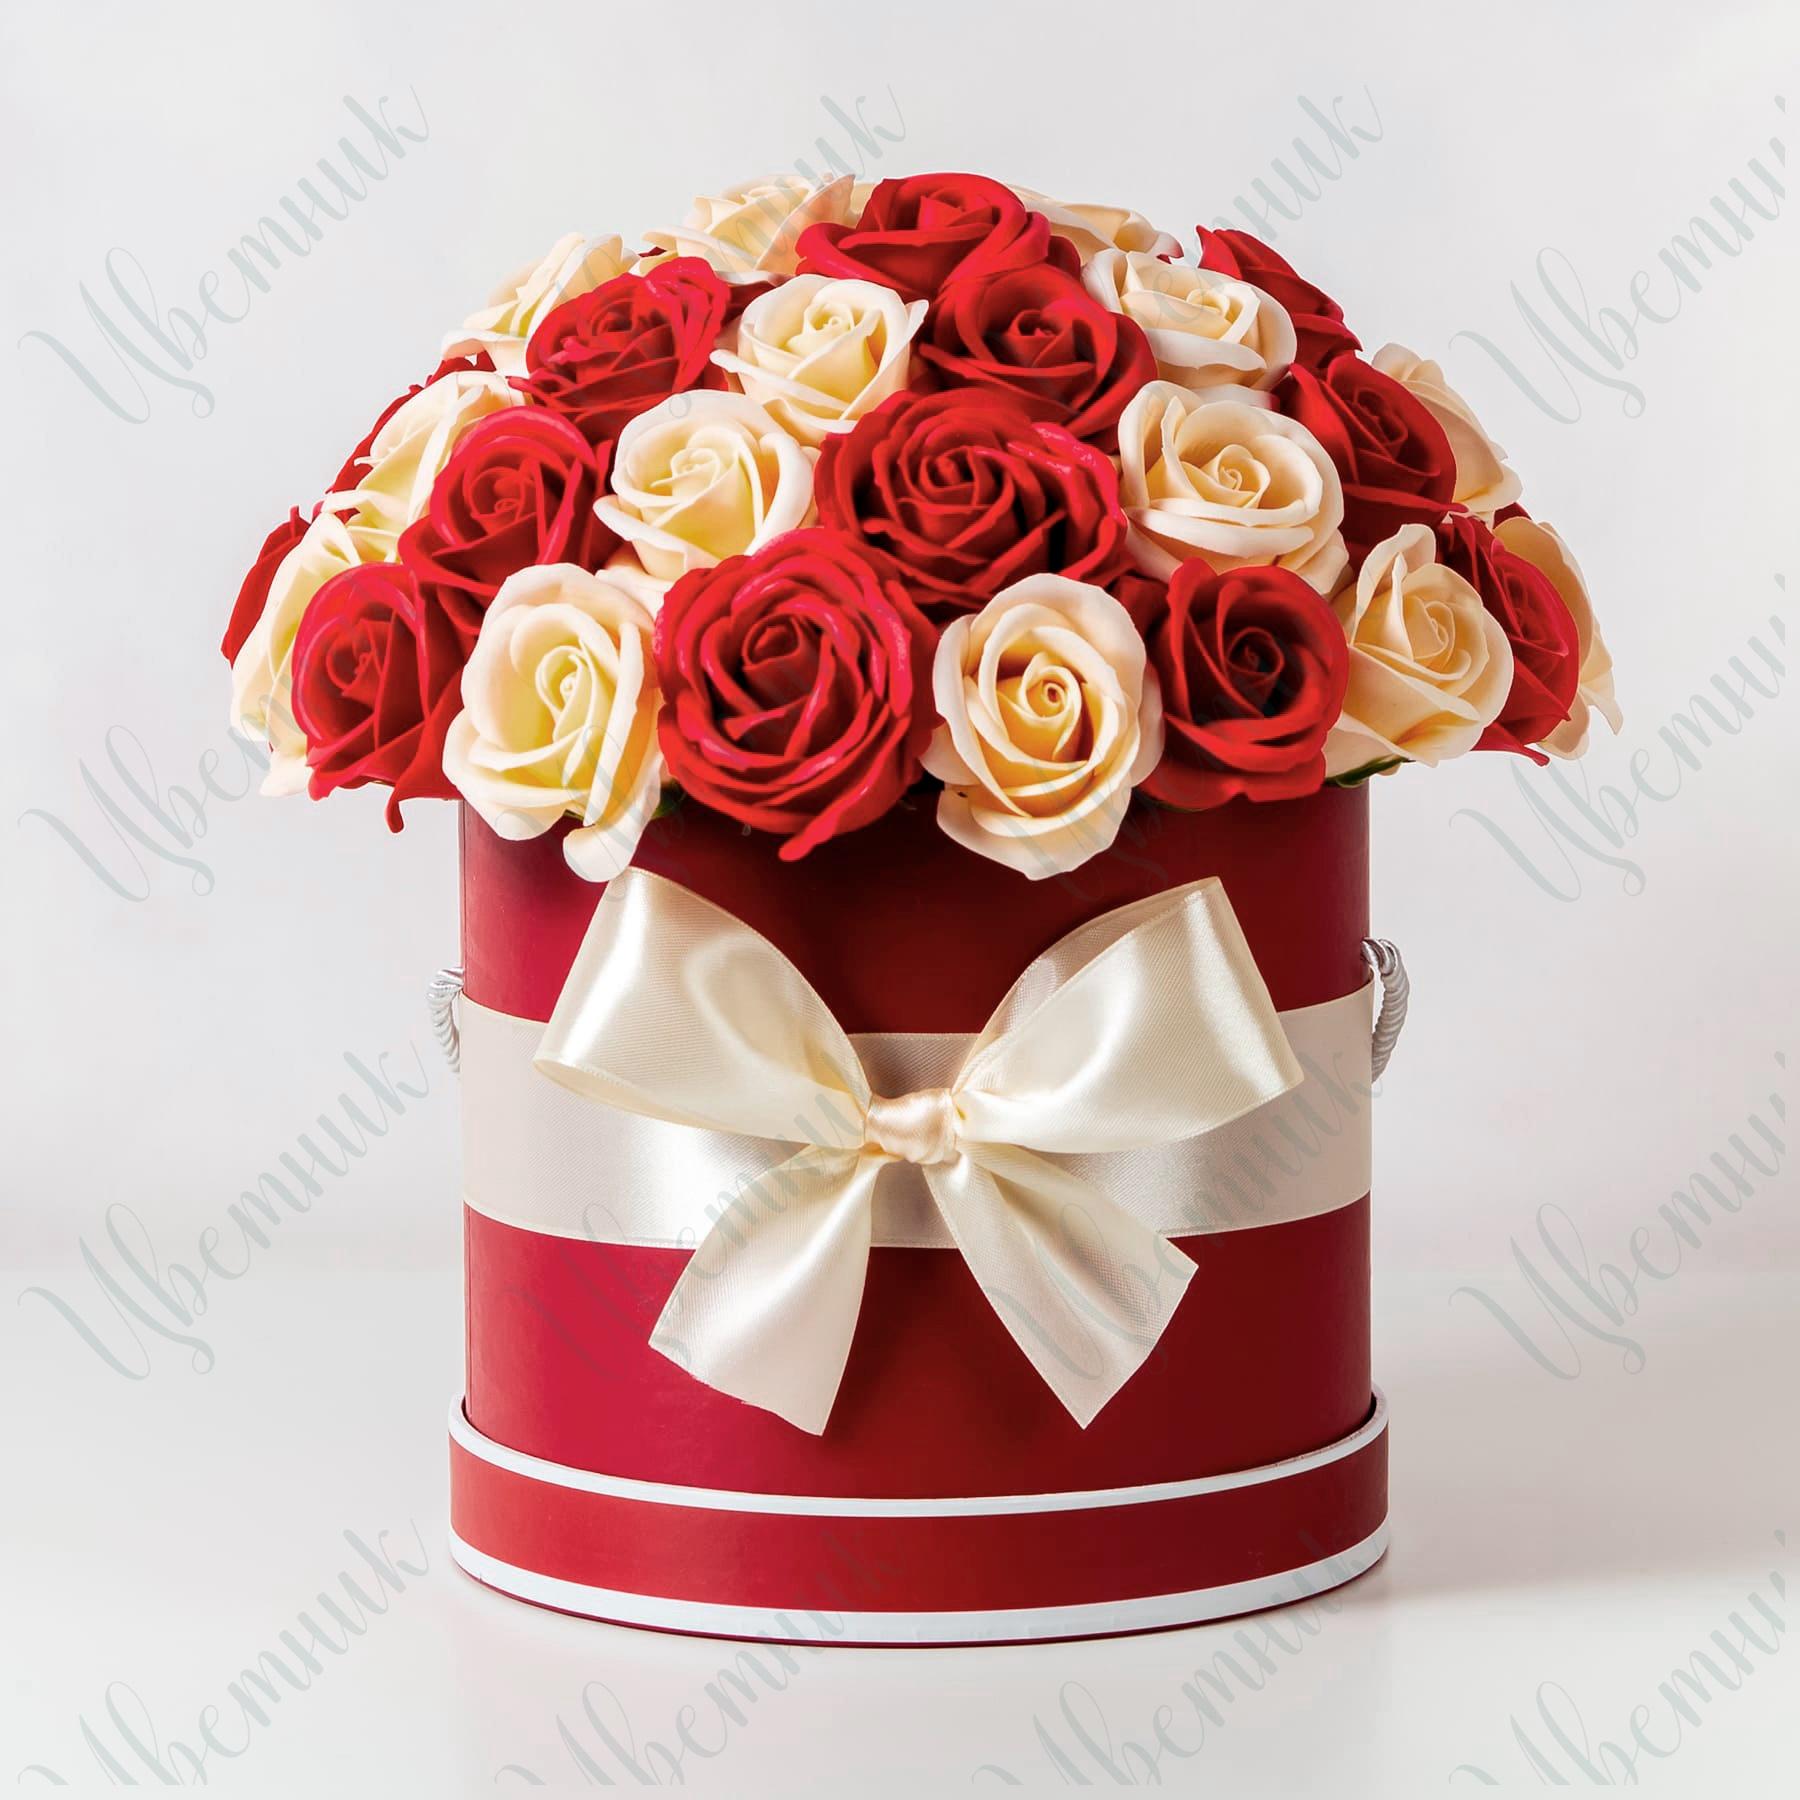 Шляпная коробка из красных и кремовых роз